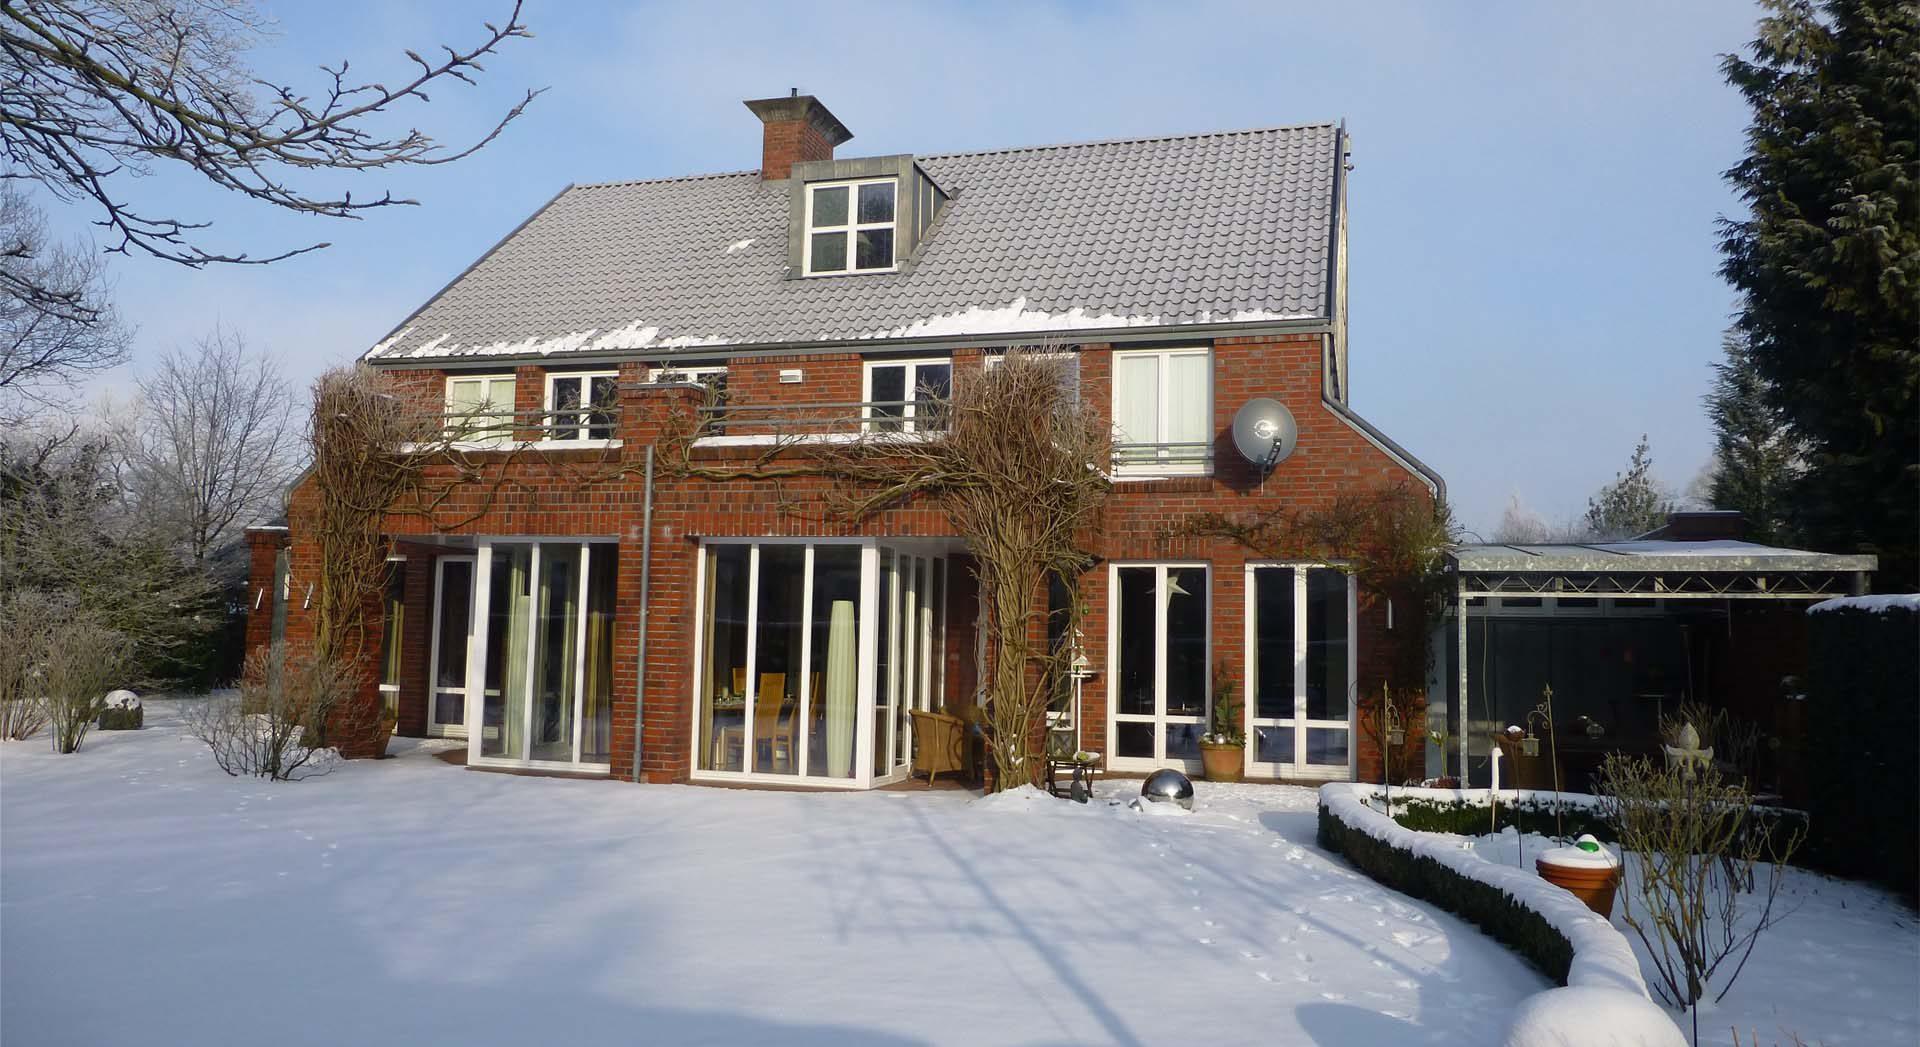 Einfamilienhaus; Architektur; Neubau; Gartengestaltung; Außenanlagen; Planung;